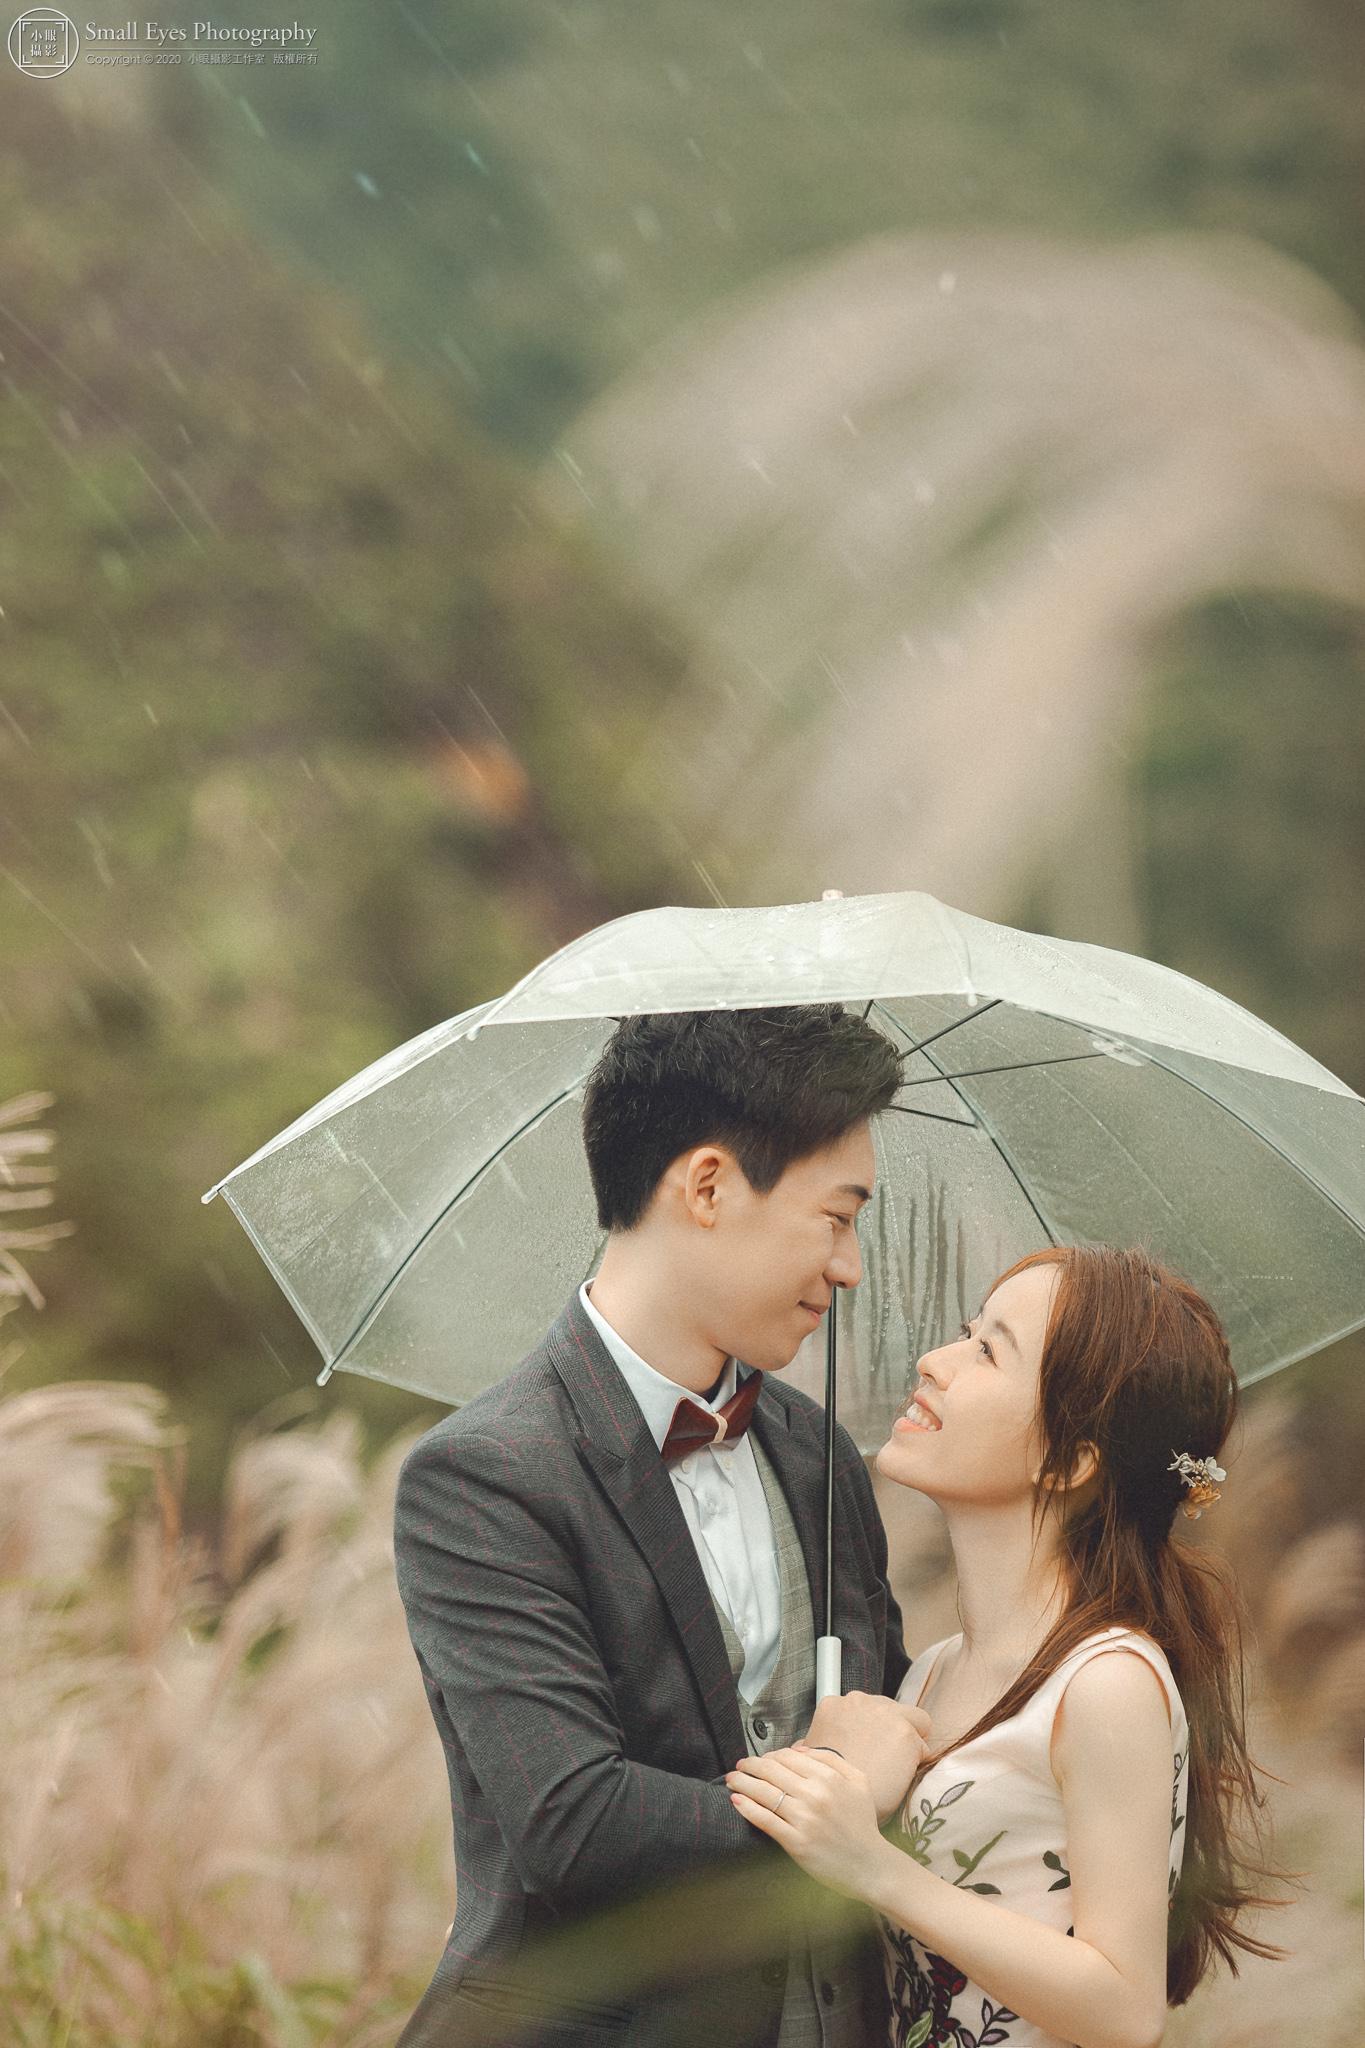 小眼攝影,自助婚紗,婚攝,婚紗攝影,新秘瓜瓜,吉兒婚紗,台灣,北部,北海岸,芒草,芒花,下雨,